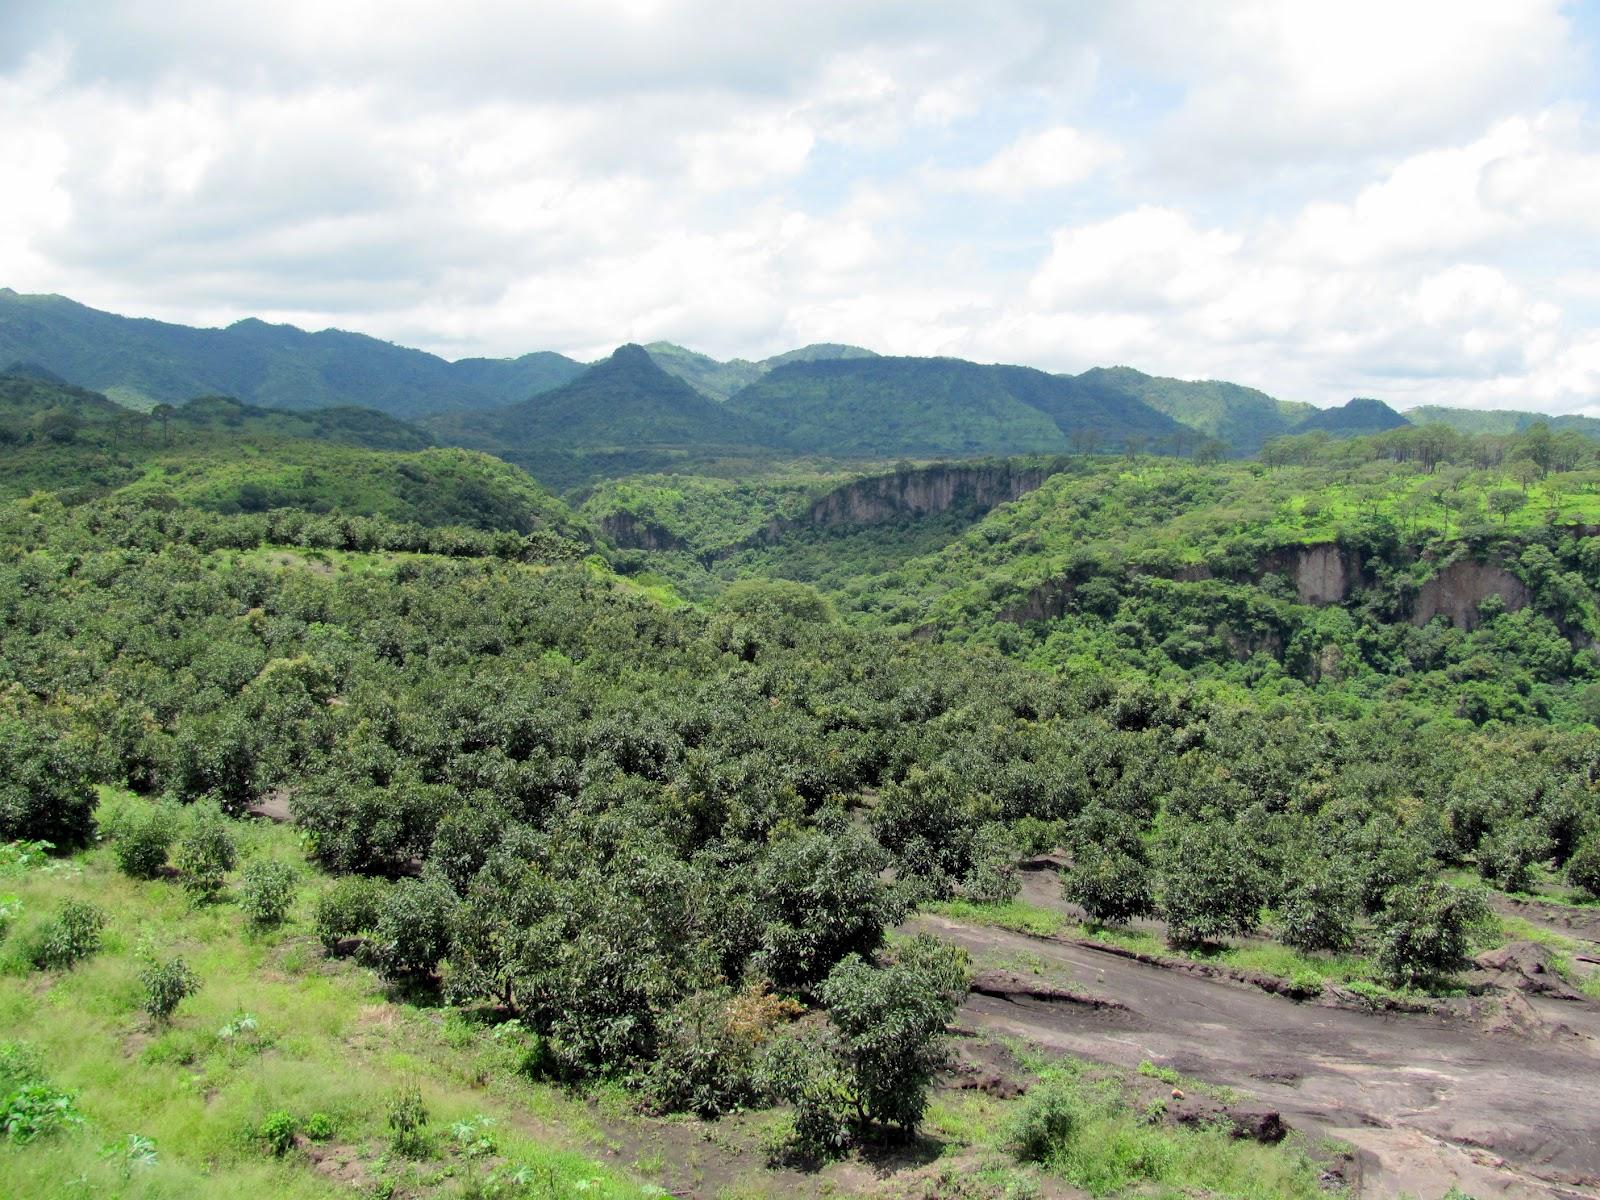 xesvalencia los suelos de origen volc nico tienen